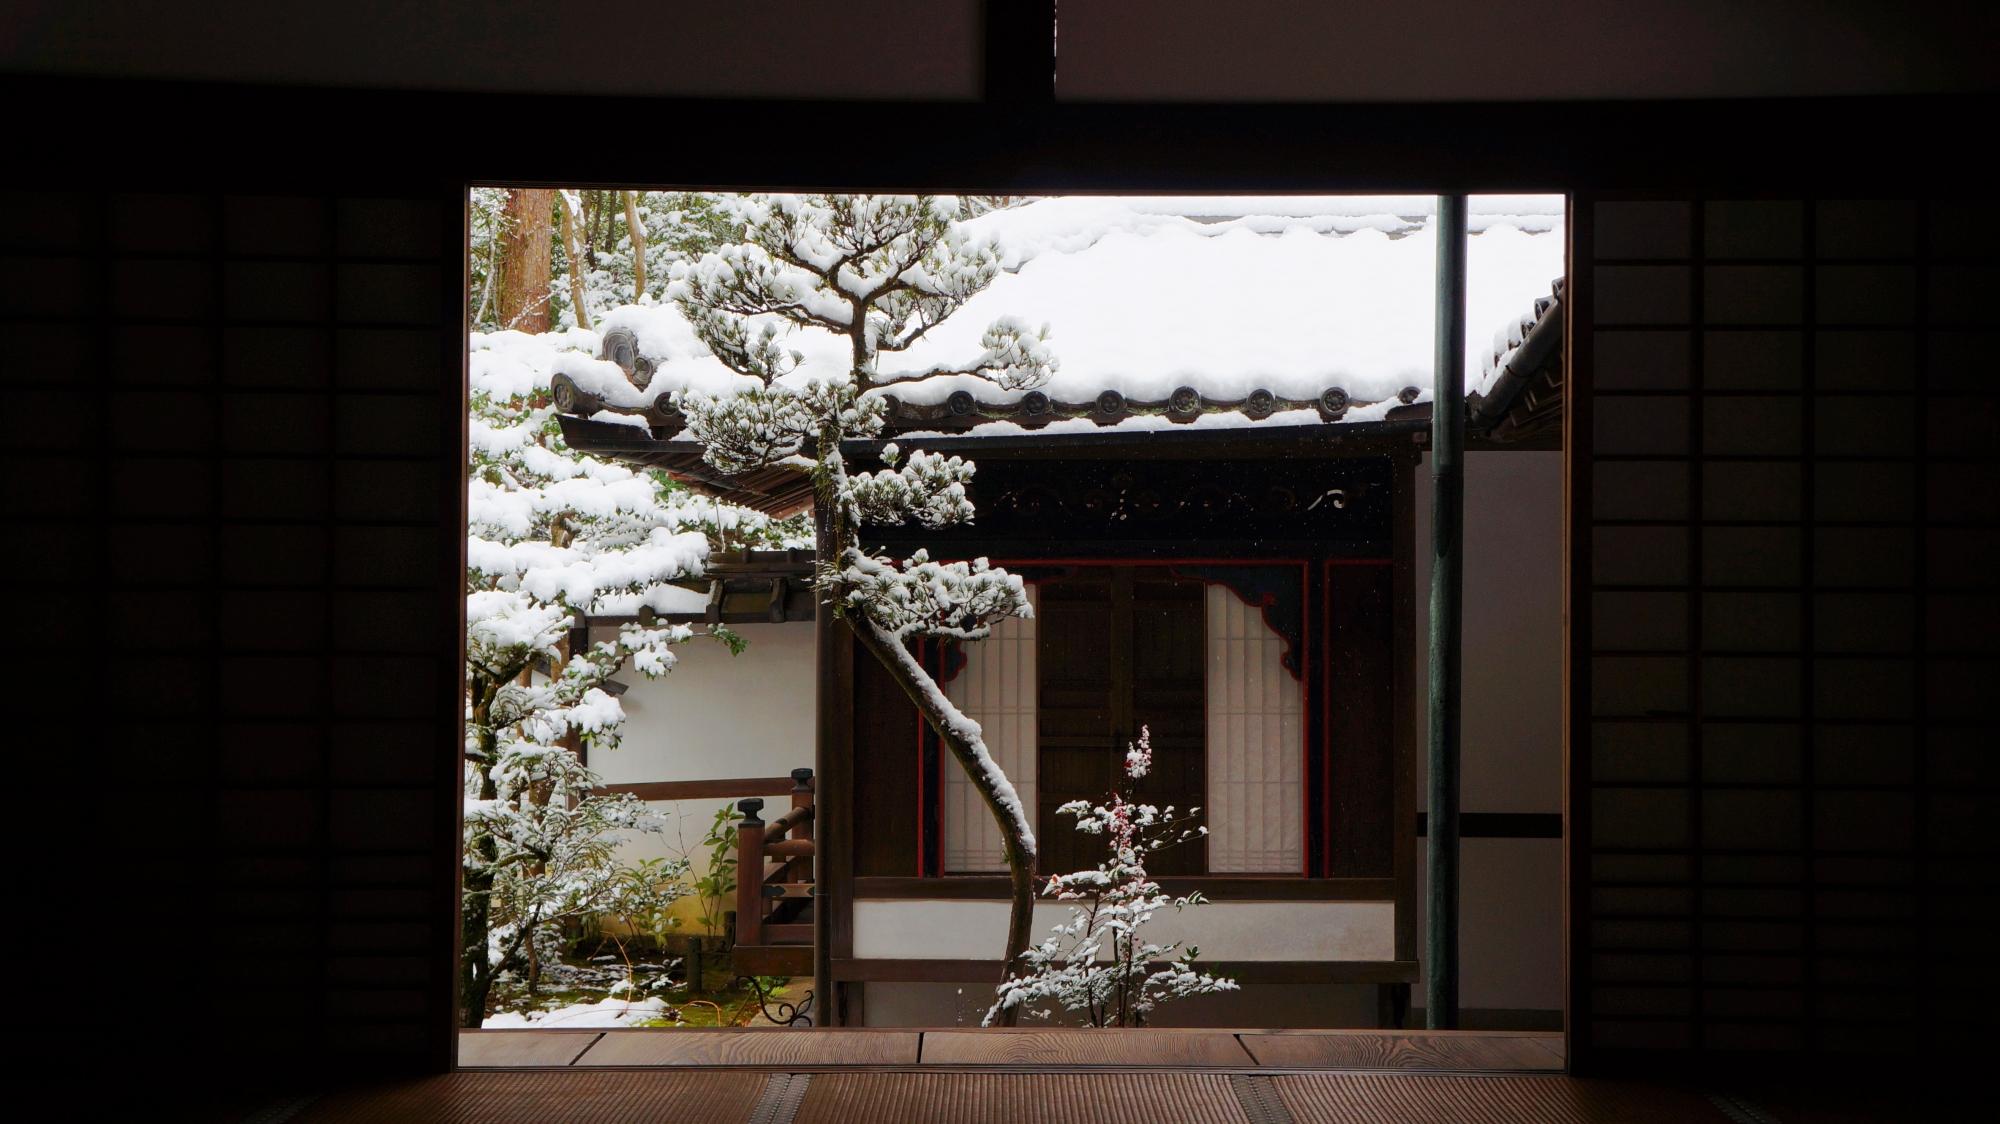 華頭窓の演出する雪景色